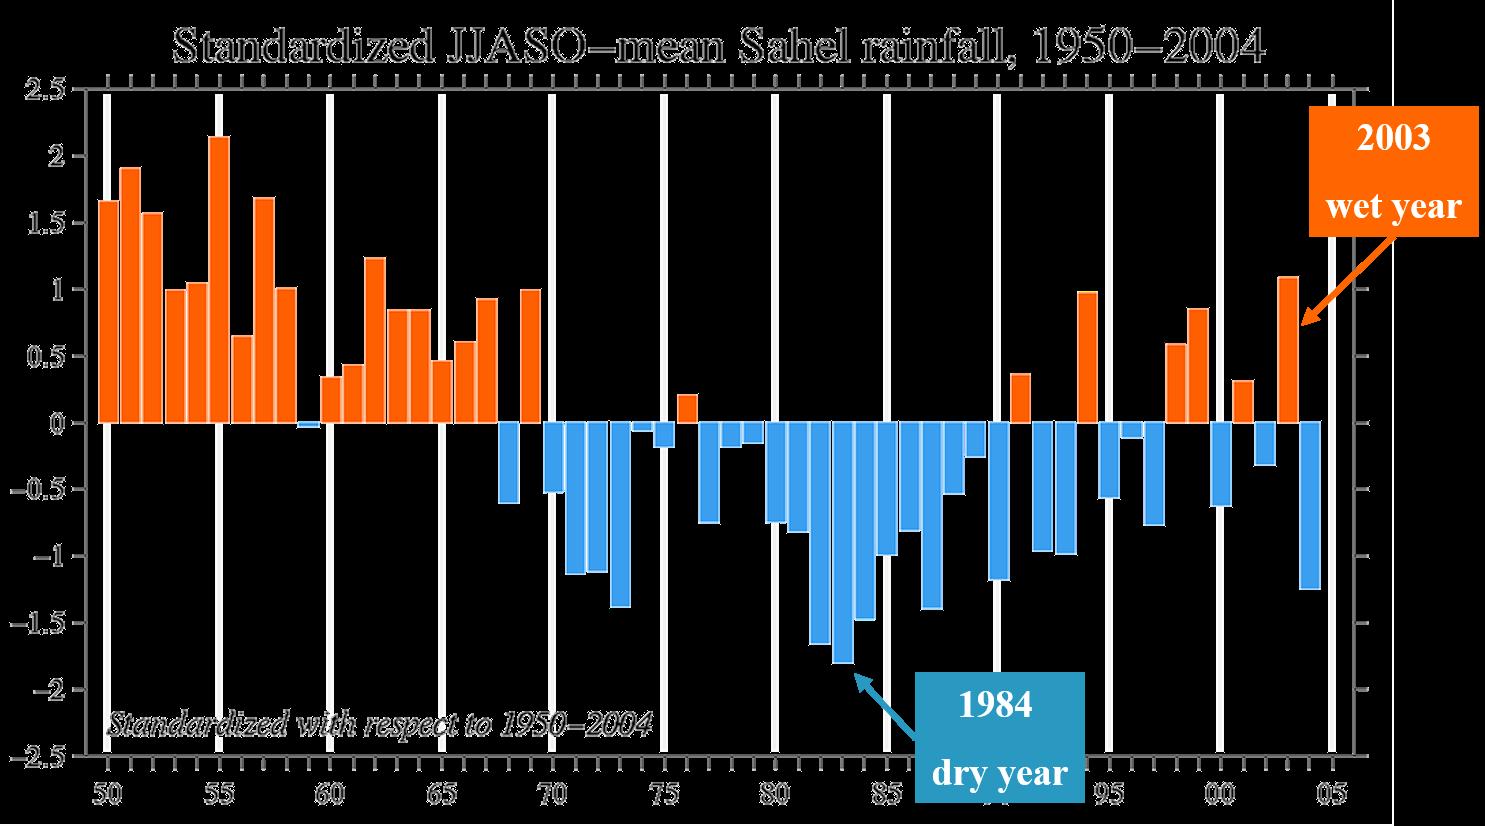 Sahel rainfall index